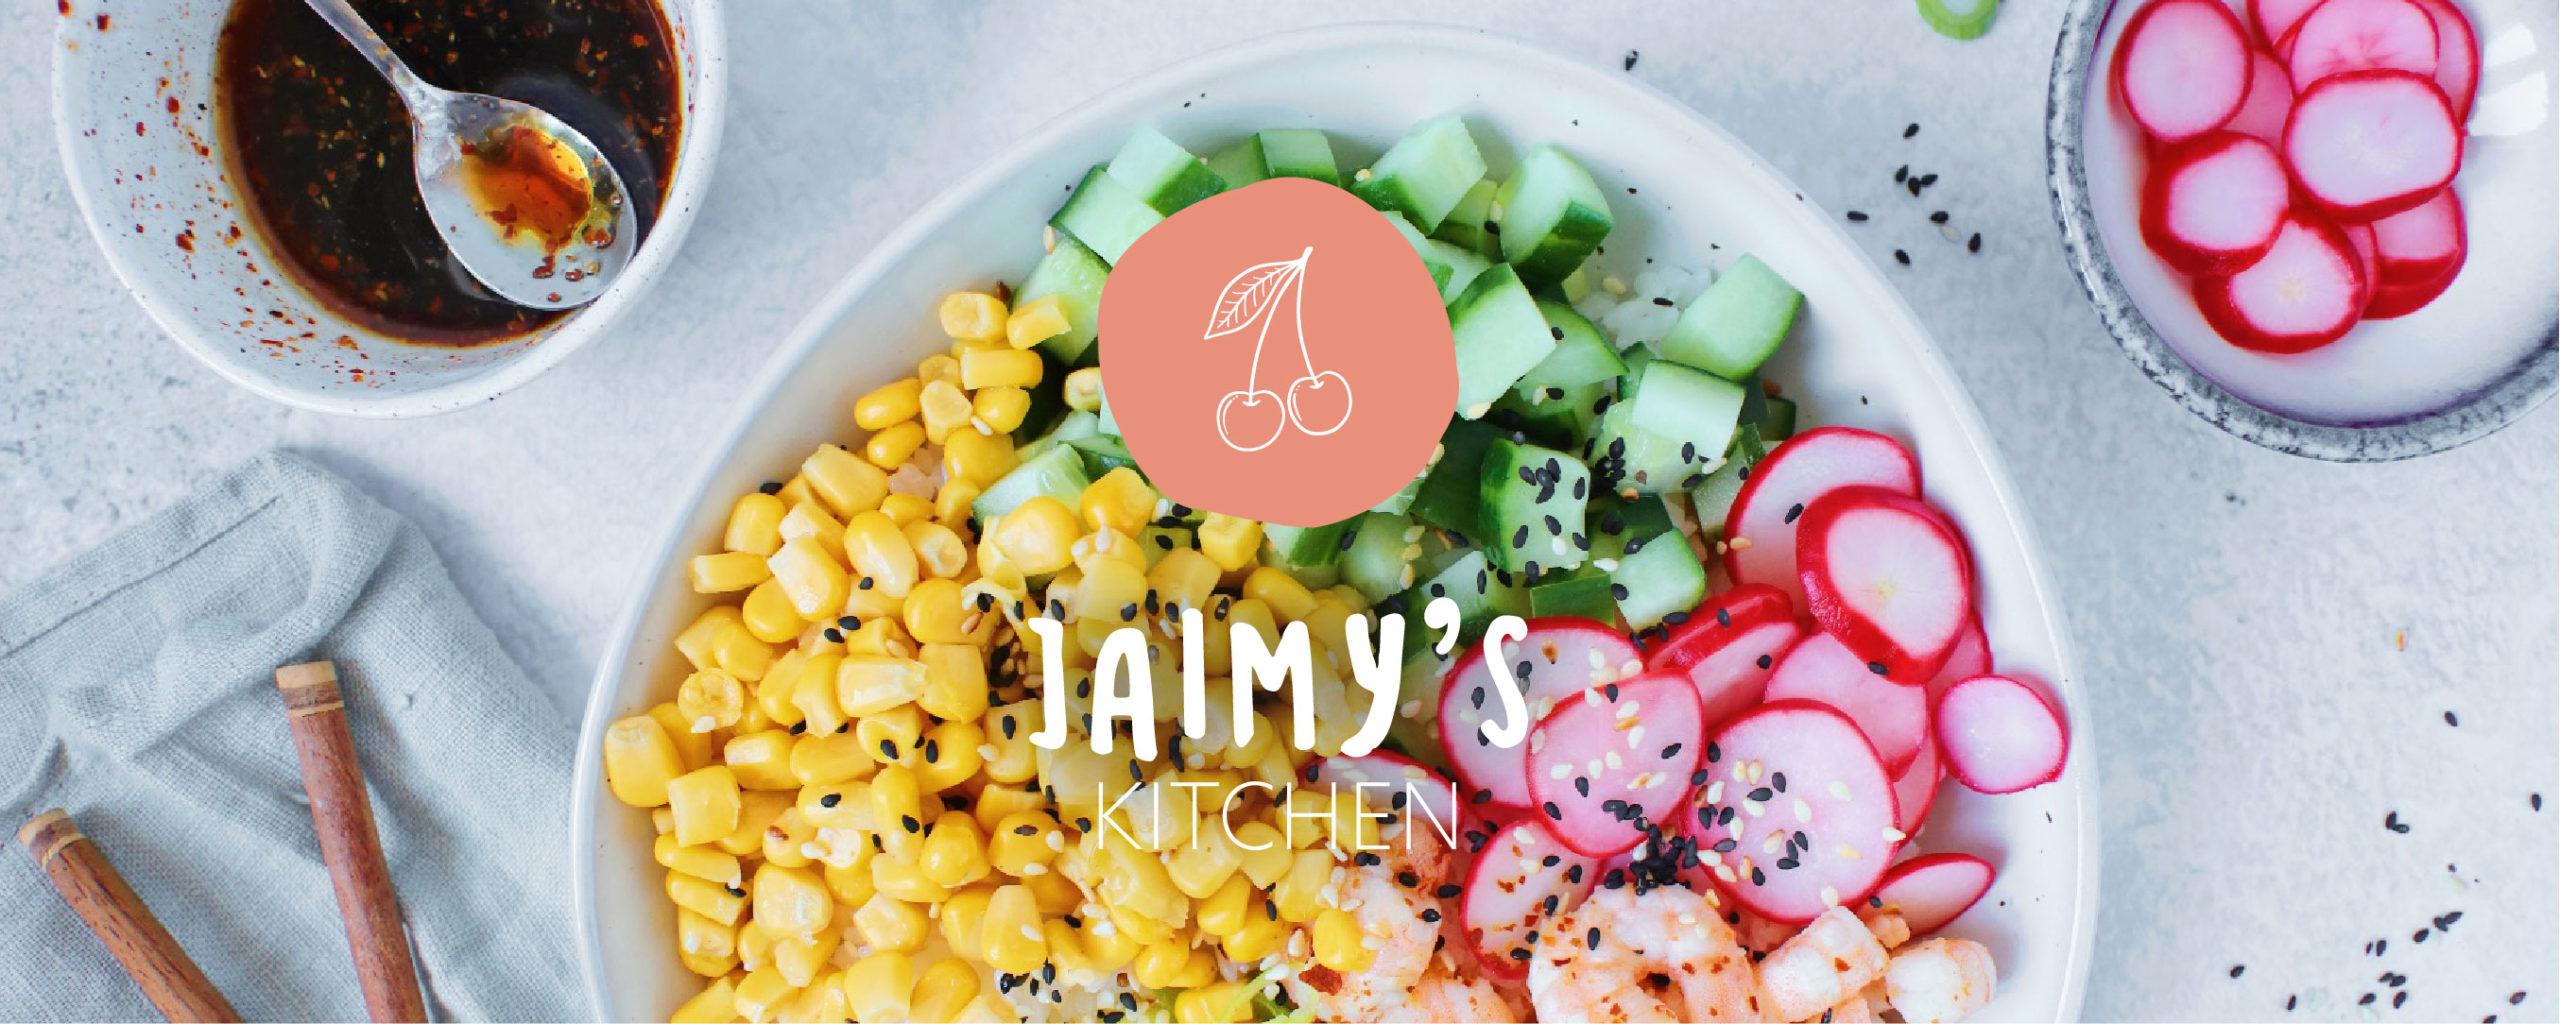 Jaimy's Kitchen